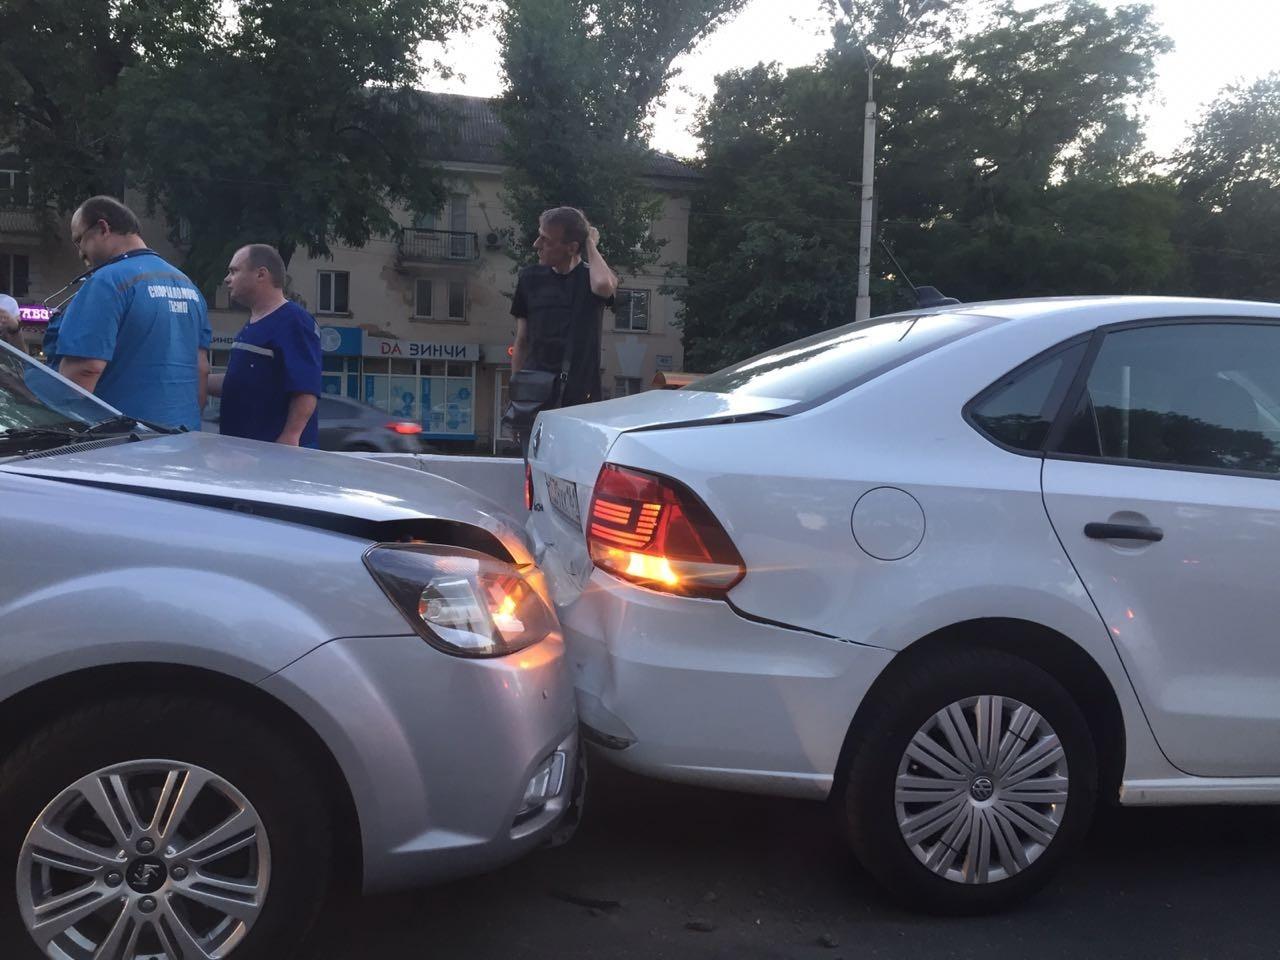 ДТП: Как определить величину денежного возмещения пострадавшего авто?